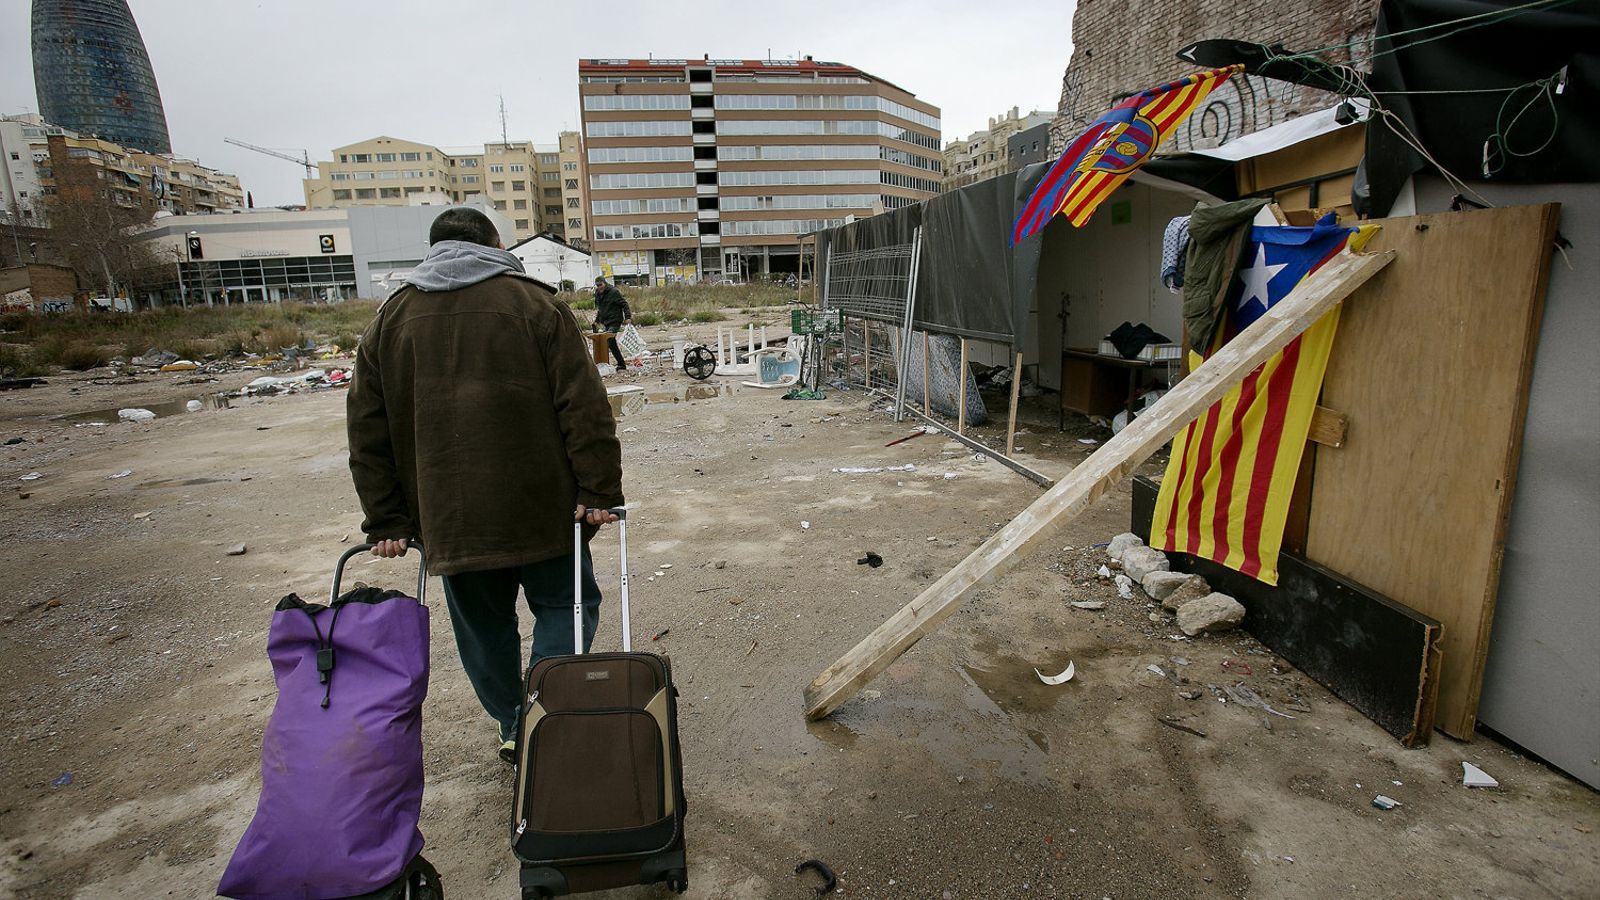 El Doro, un home romanès, arribant carregat de maletes a la seva barraca, en un solar situat al costat de la plaça de les Glòries.